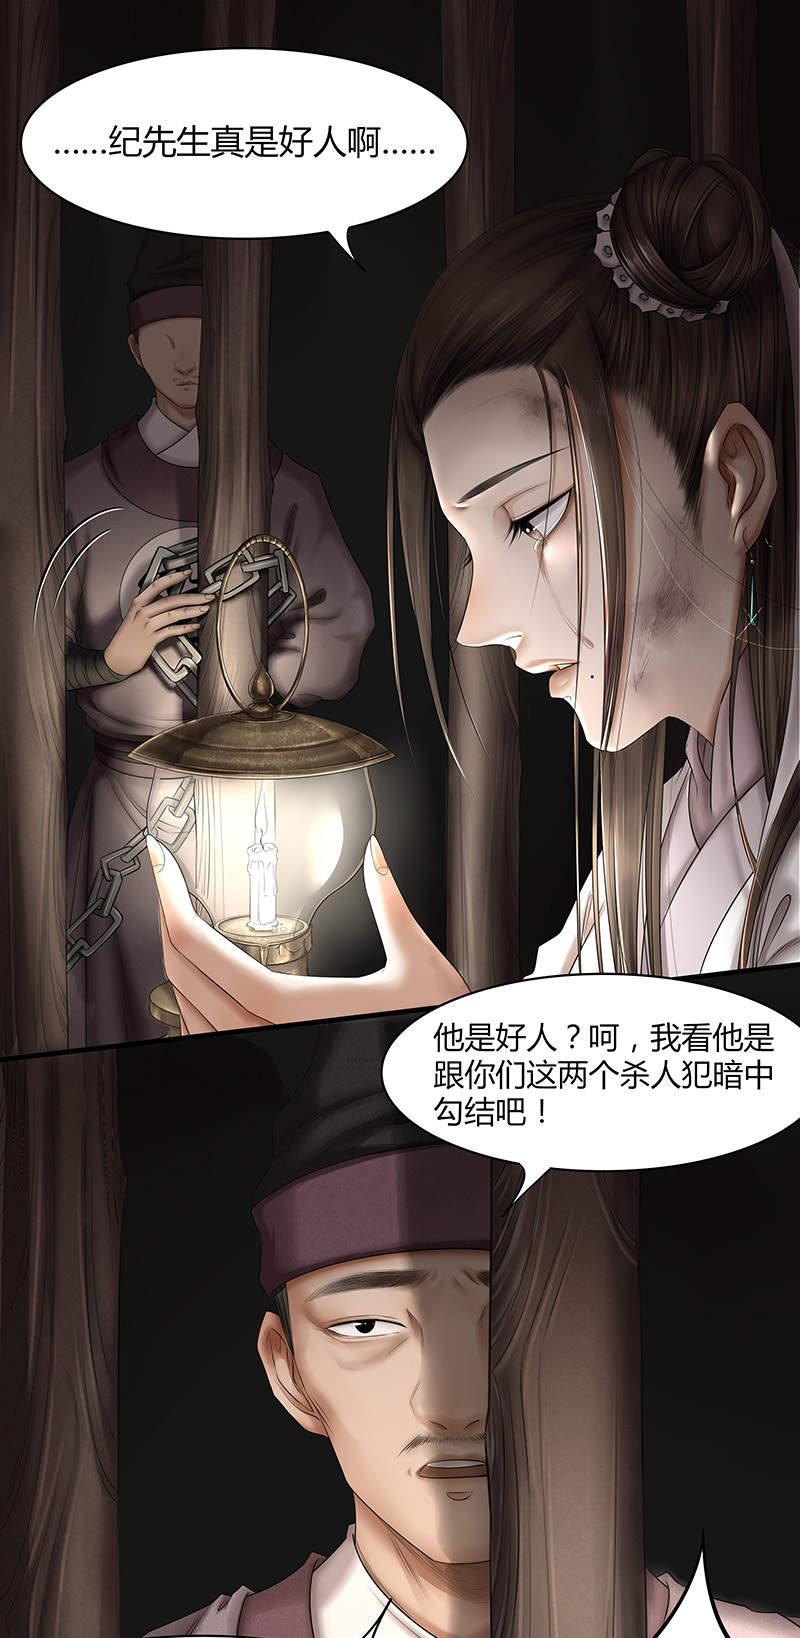 画骨女仵作第34话  昭雪 第 2